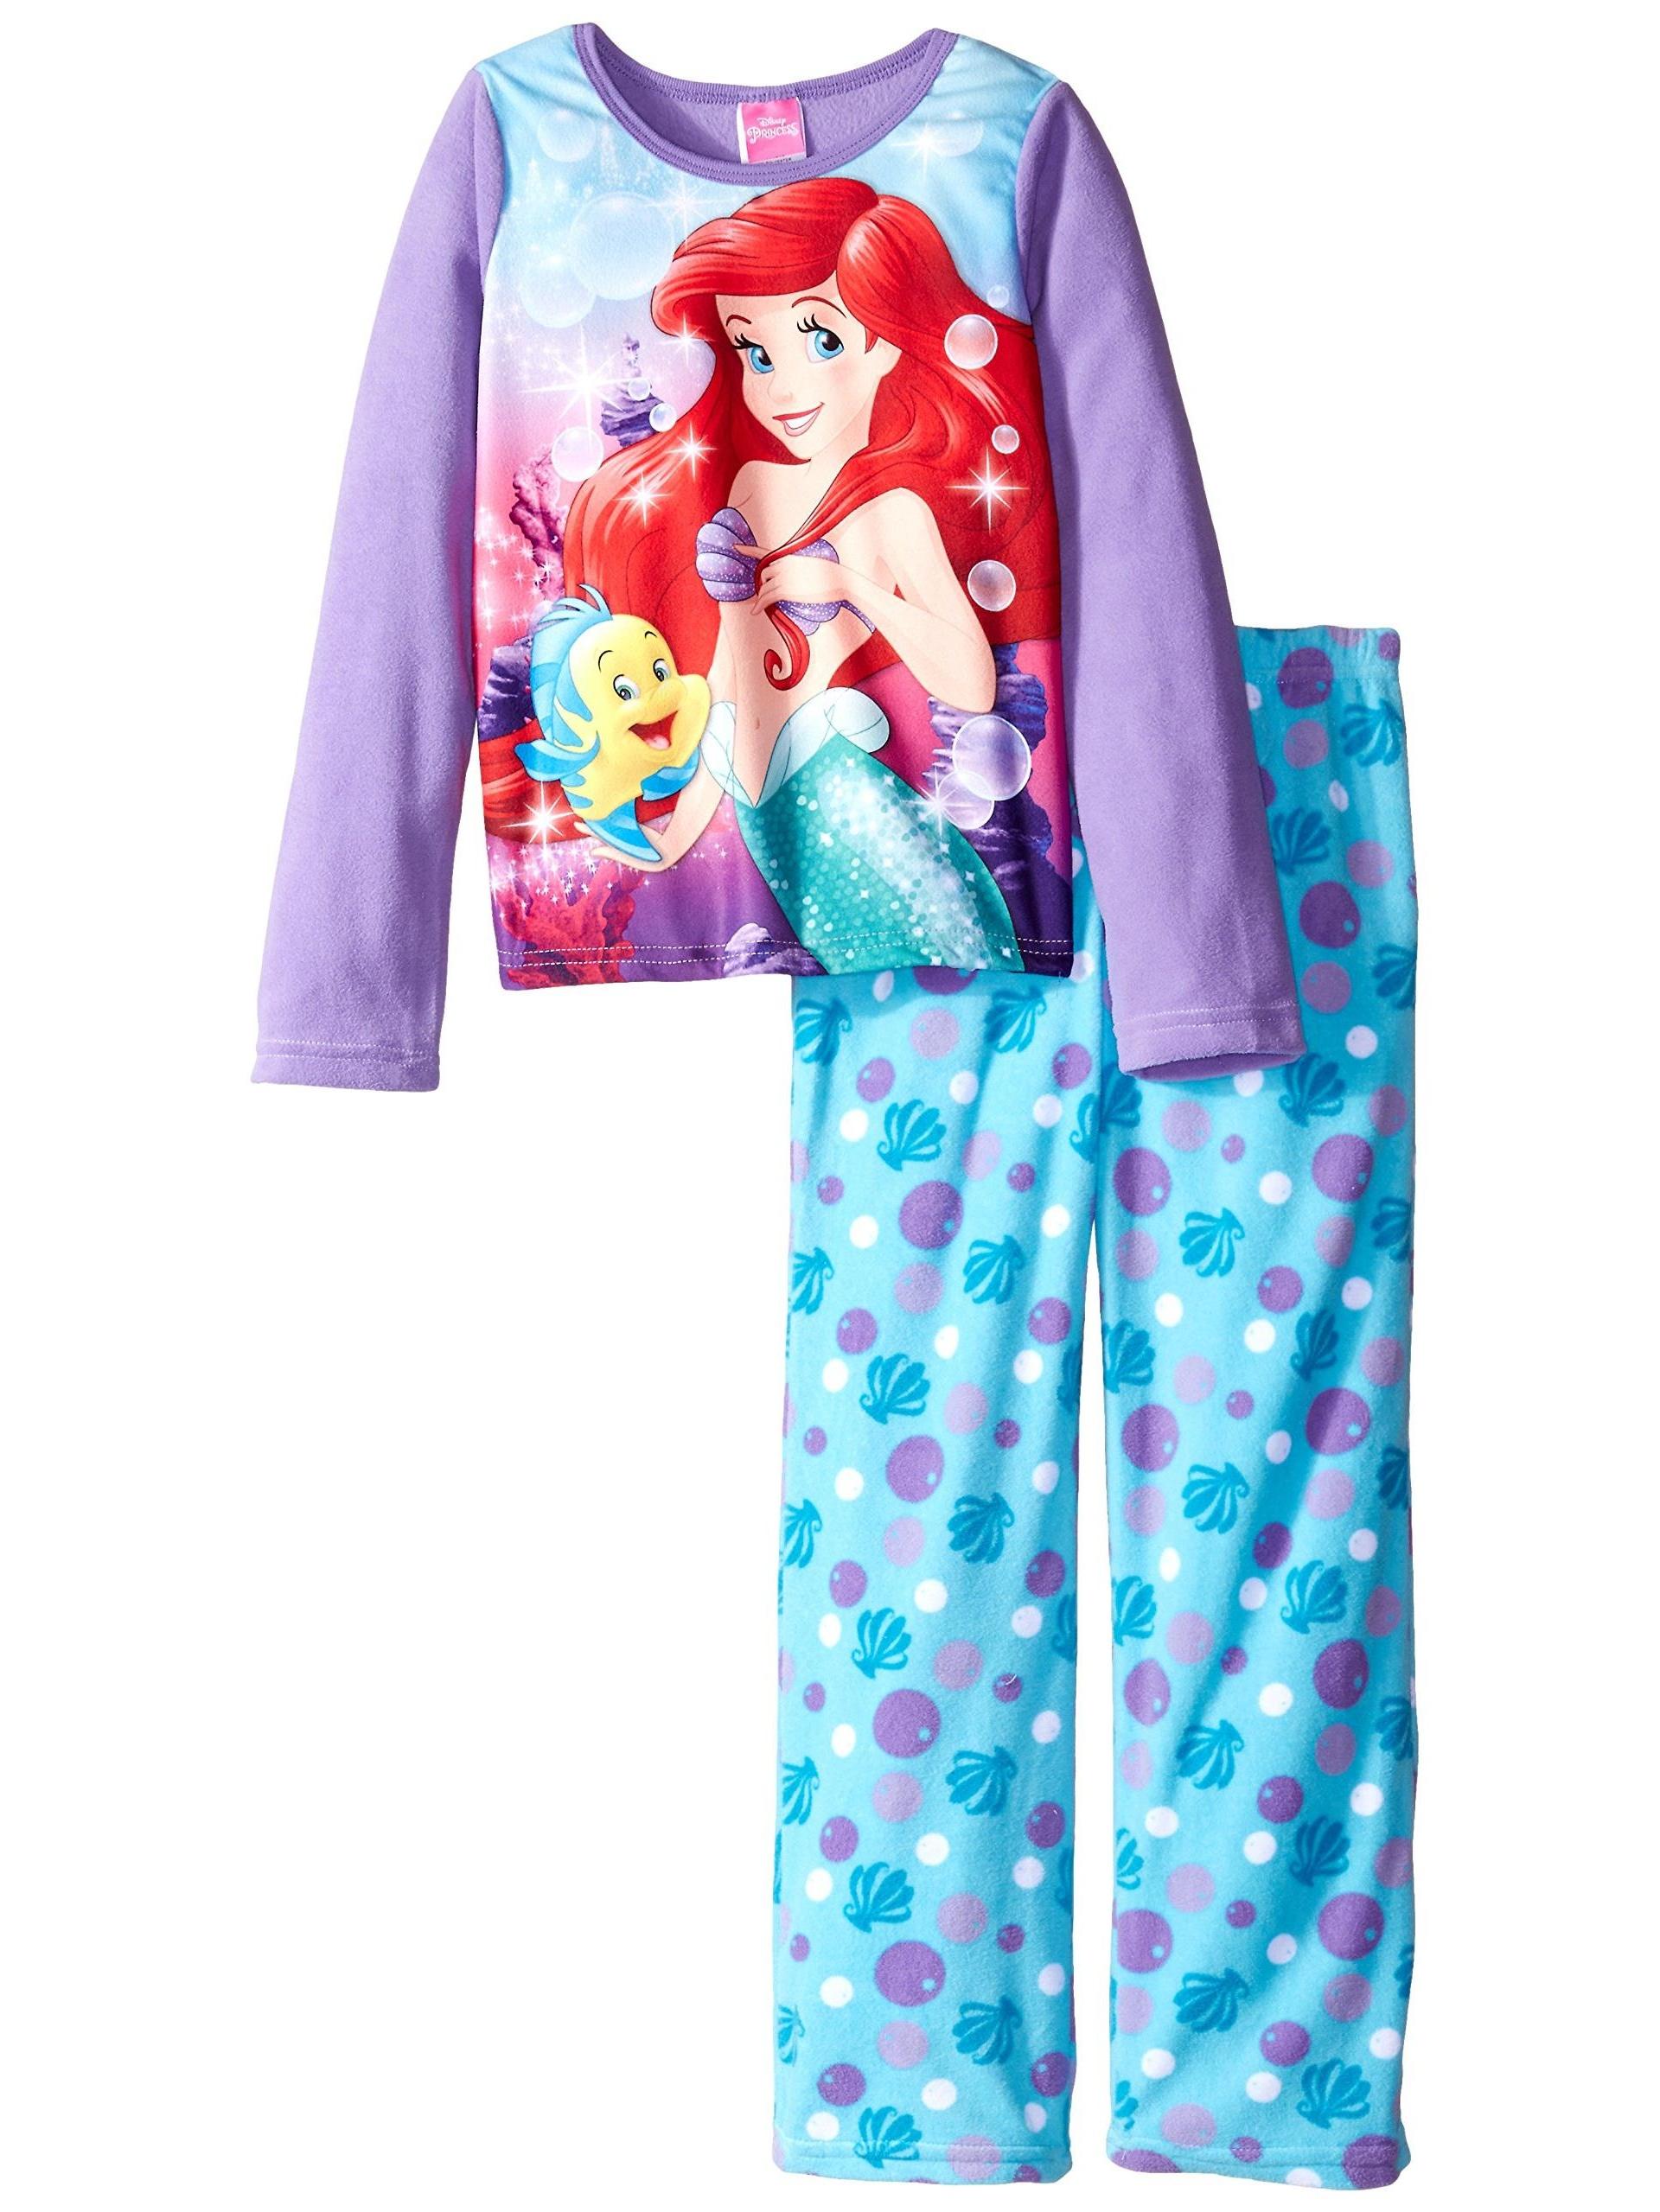 Girls' 2-Piece Fleece Pajama Set, Kids Sizes 4-10, Ariel, Size: 4